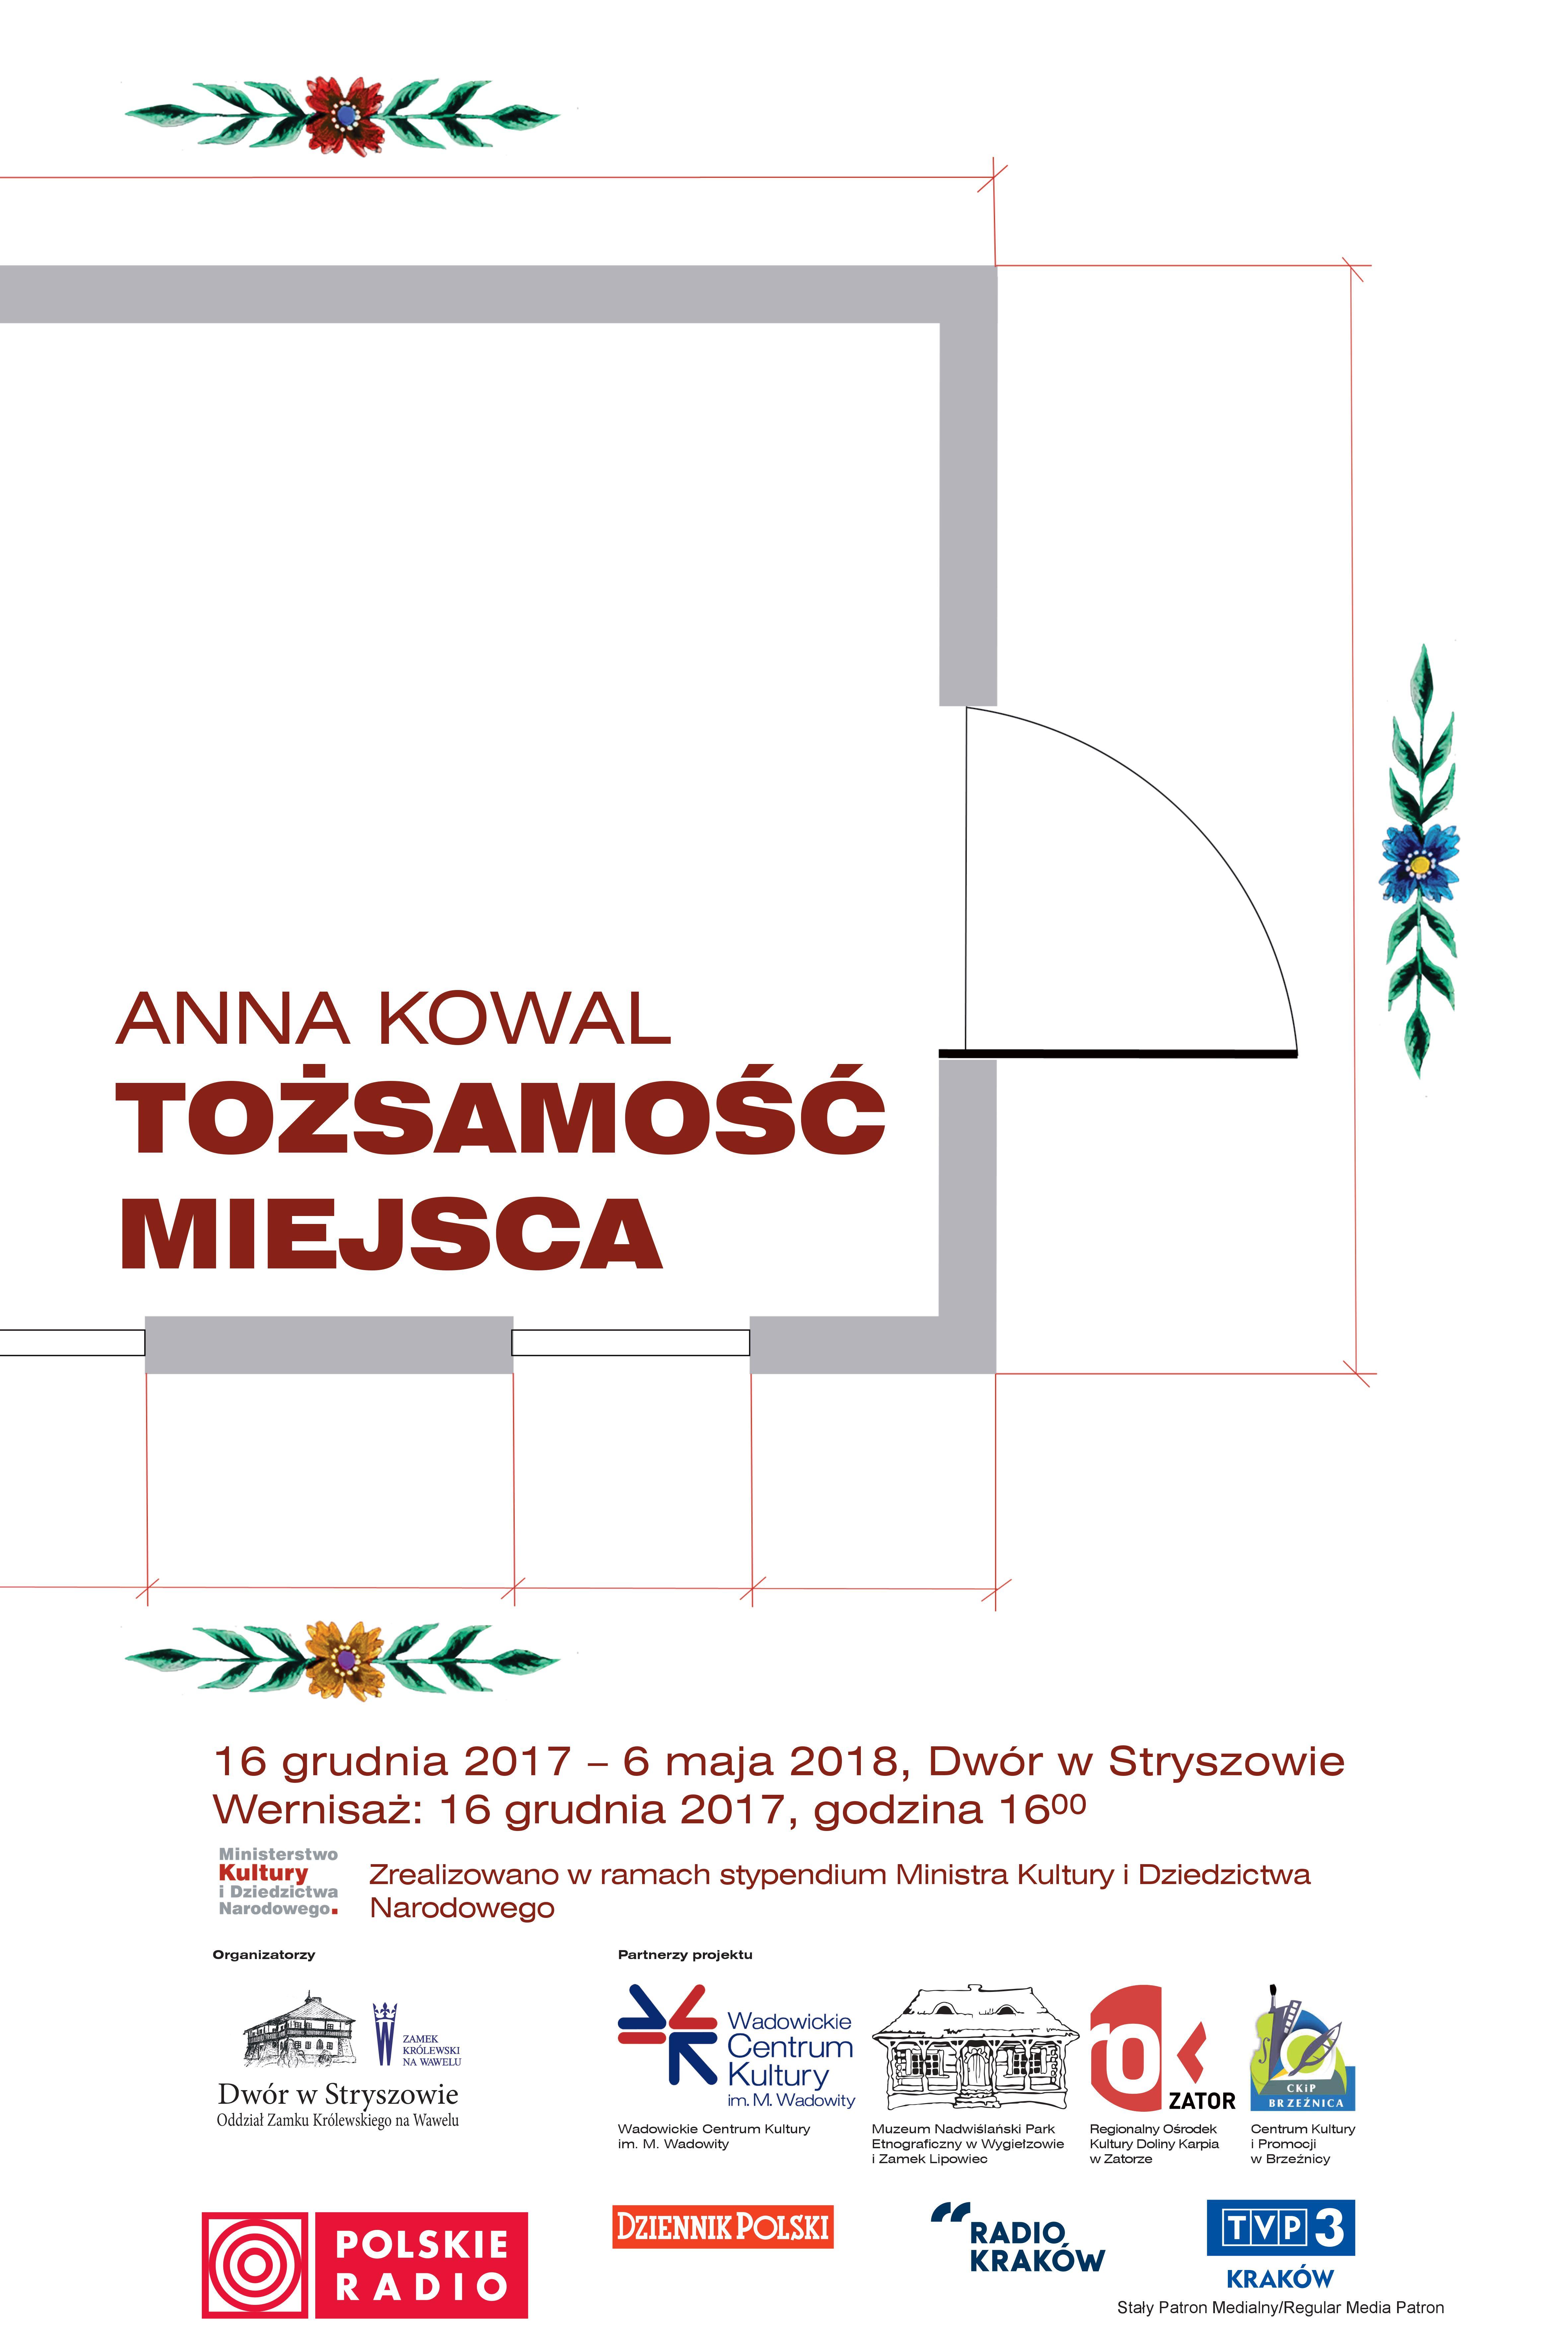 """Anna Kowal """"Tożsamość miejsca"""" (źródło: materiały prasowe organizatora)"""